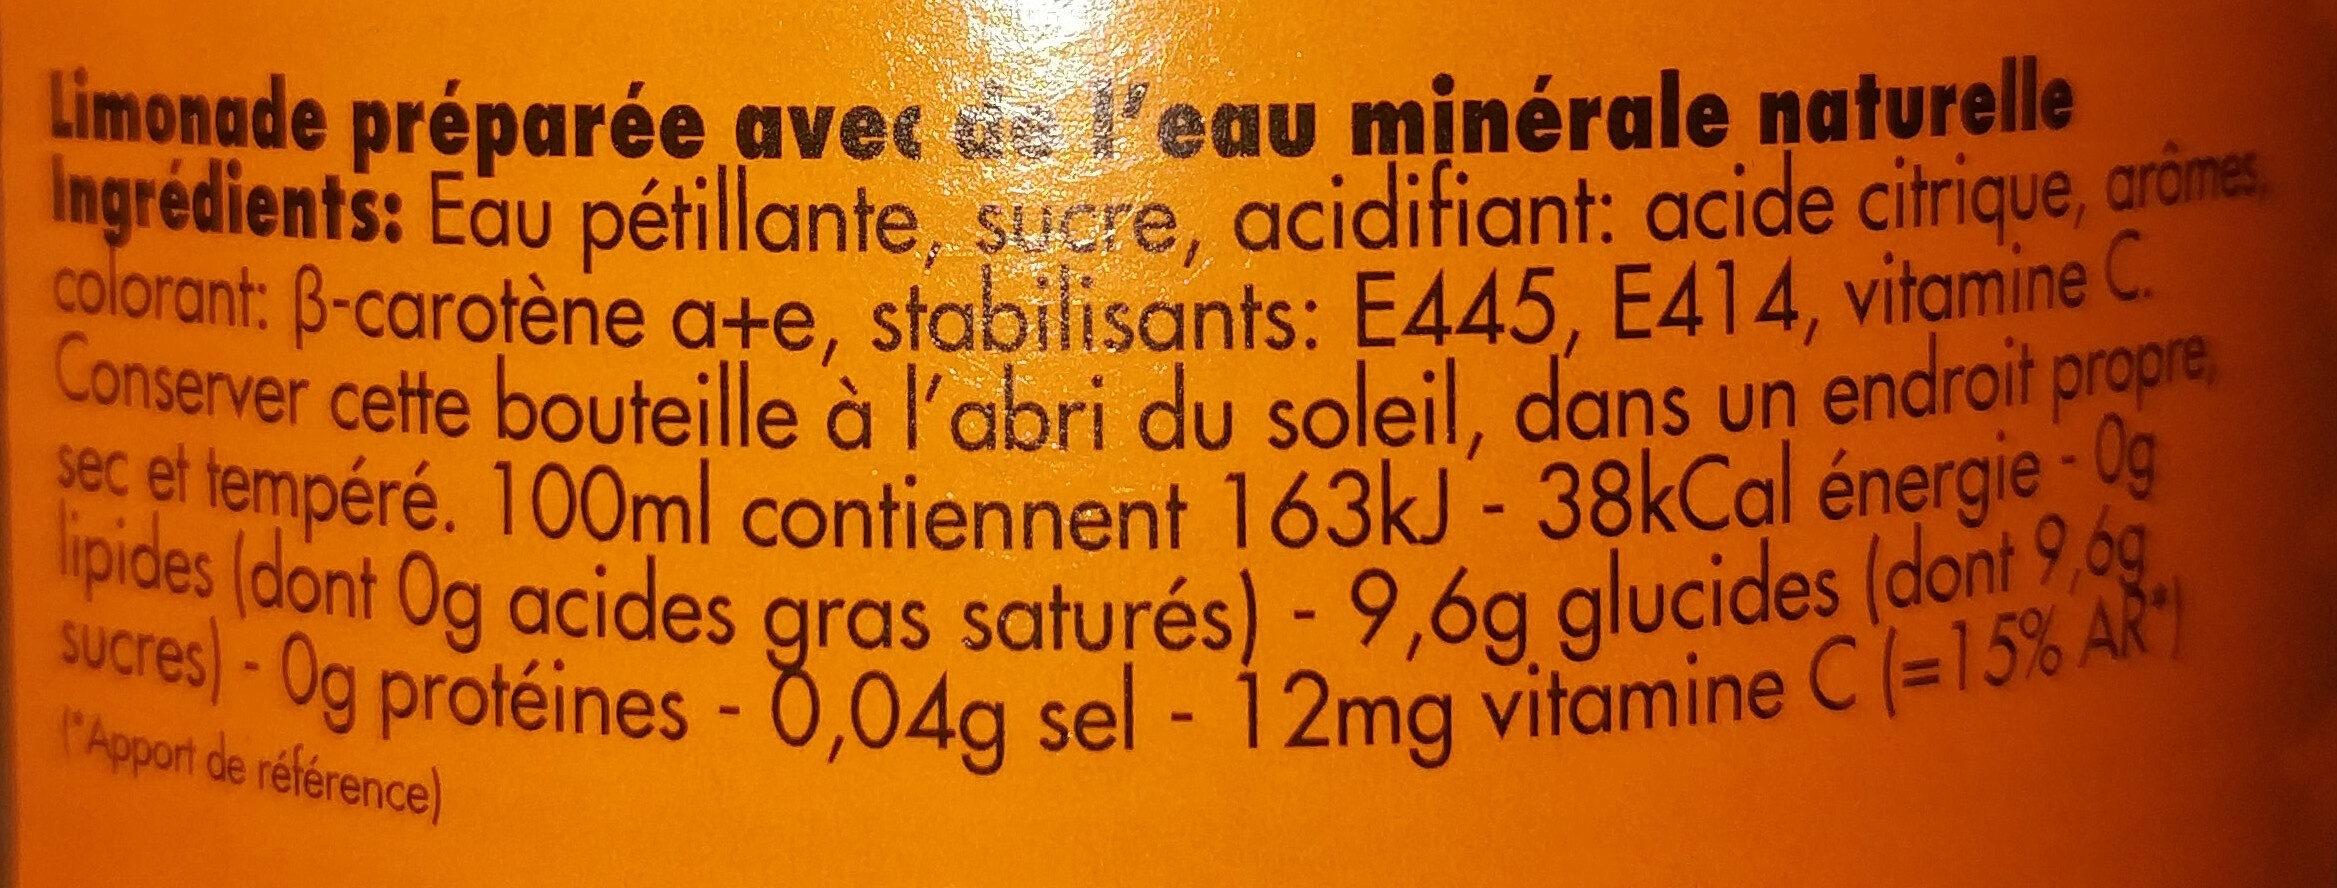 Limonade Ordal orange - Ingrediënten - fr